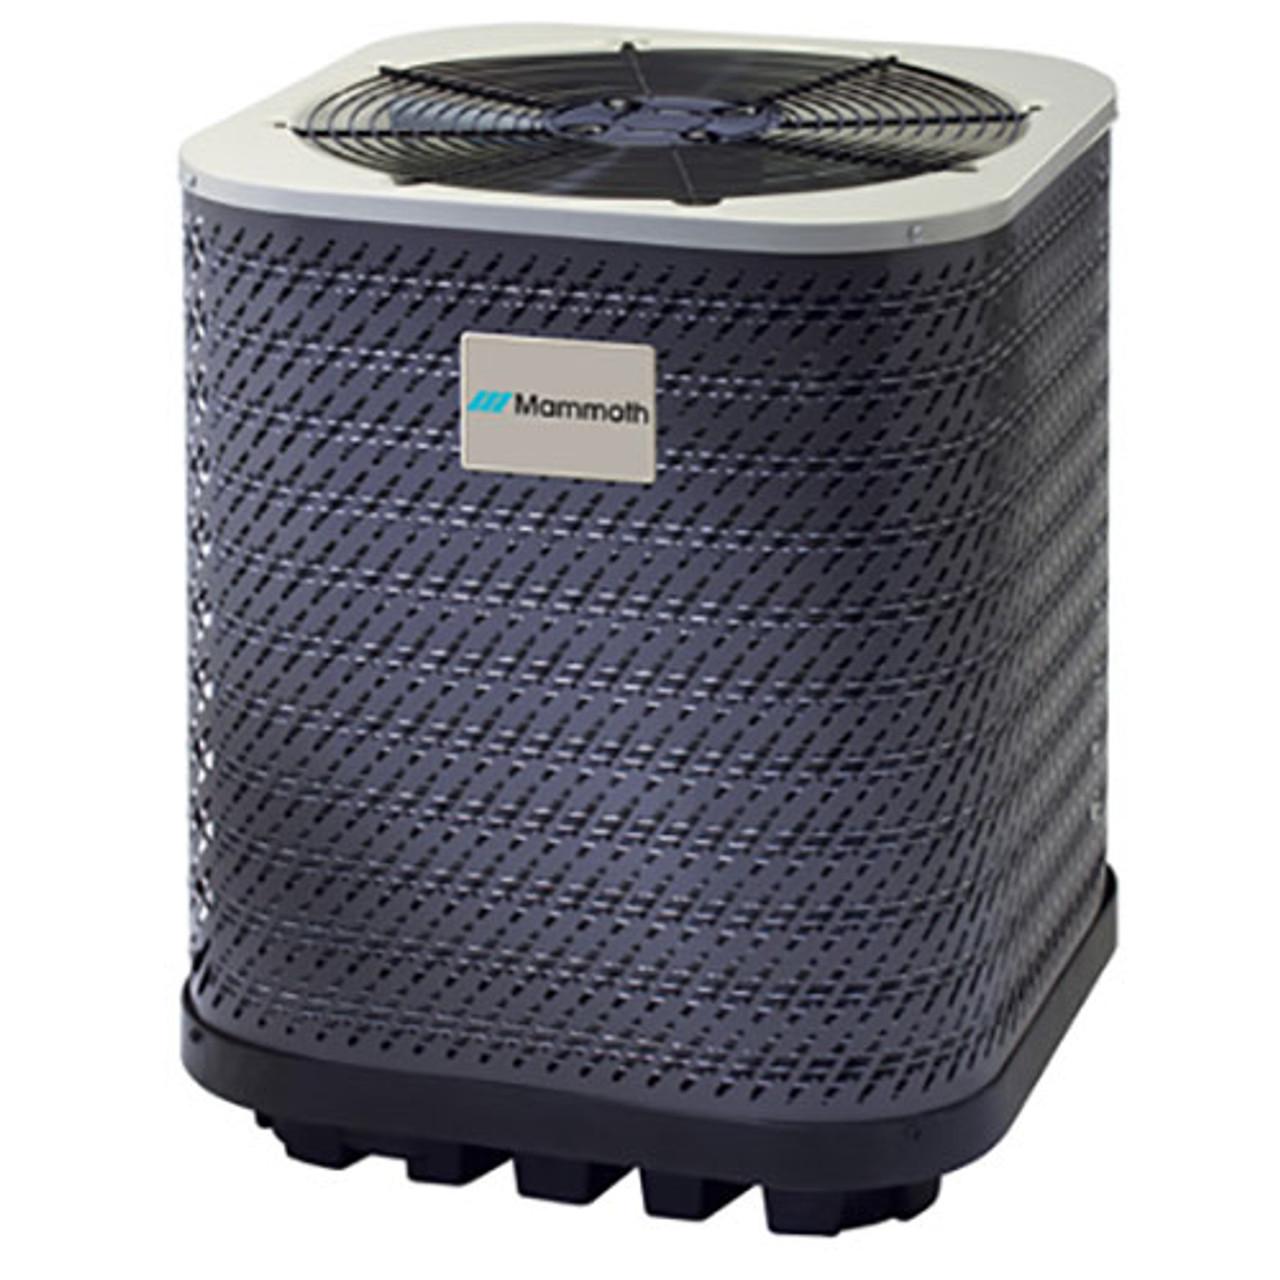 Mammoth JS4BD-036CA 3 Ton Air Conditioner 13 SEER 3PH R410A 36000 BTU - New